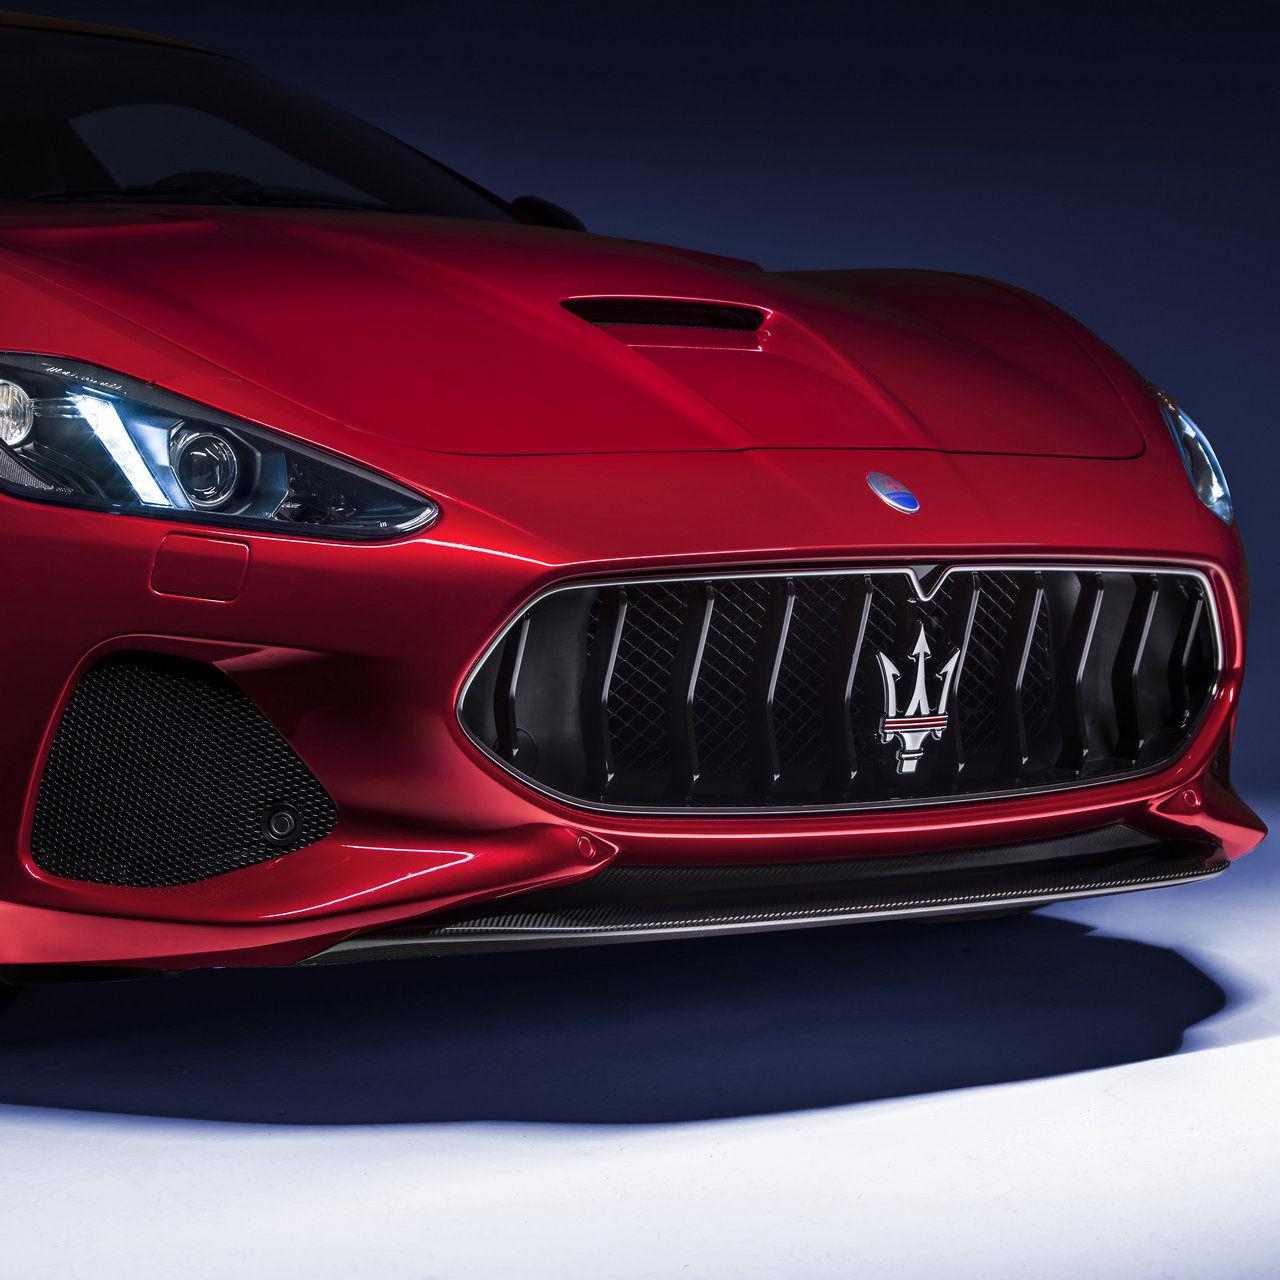 Maserati Granturismo - Rosso - Détail